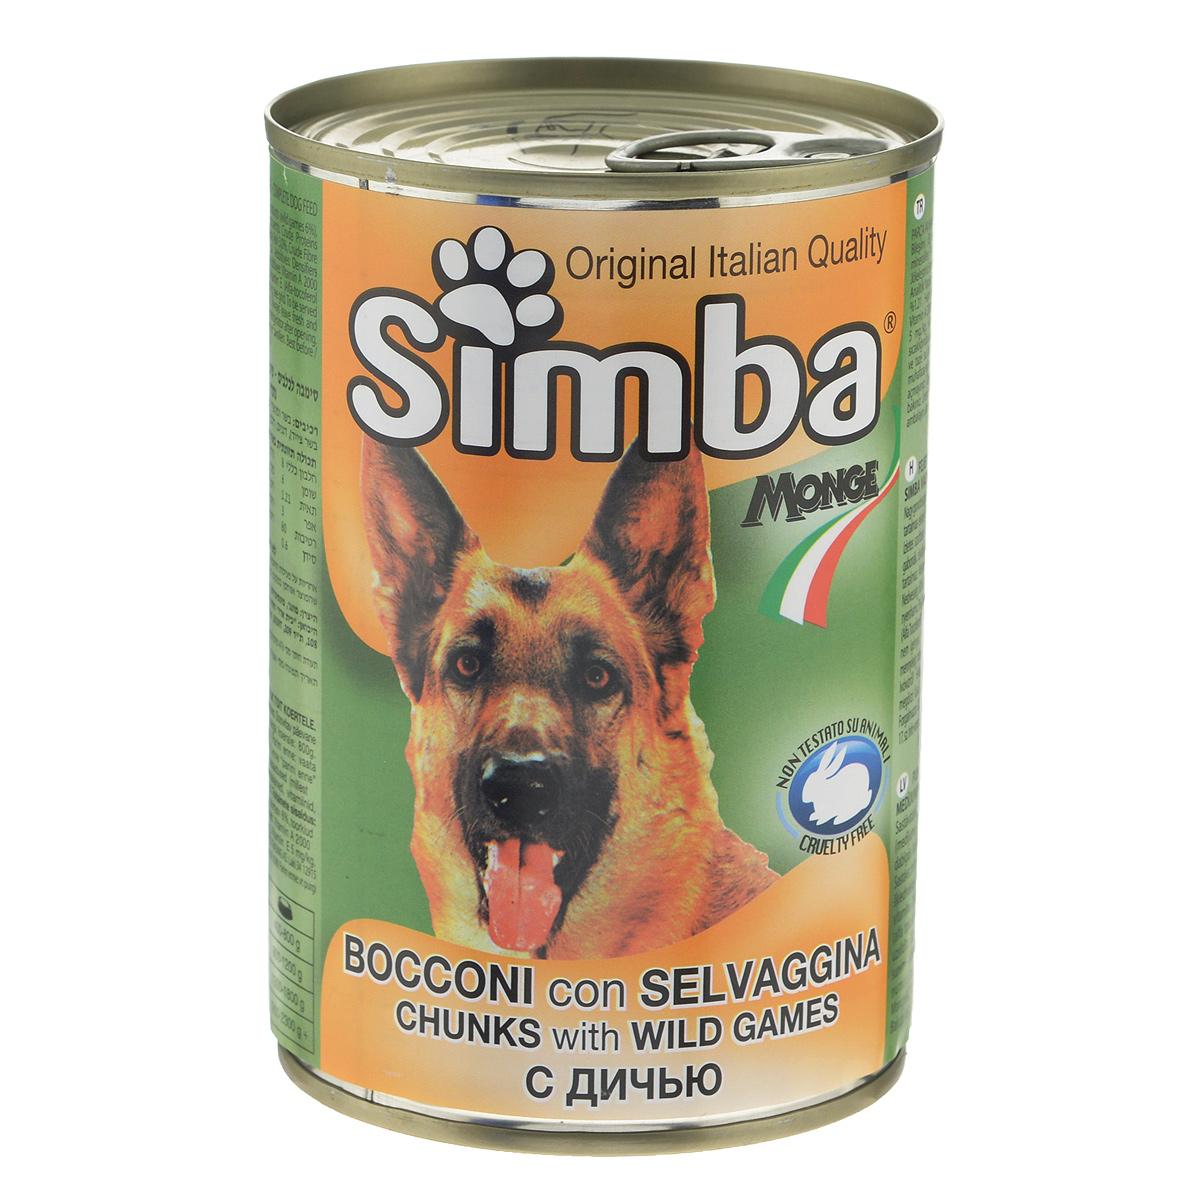 Консервы для собак Simba, дичь, 415г фото